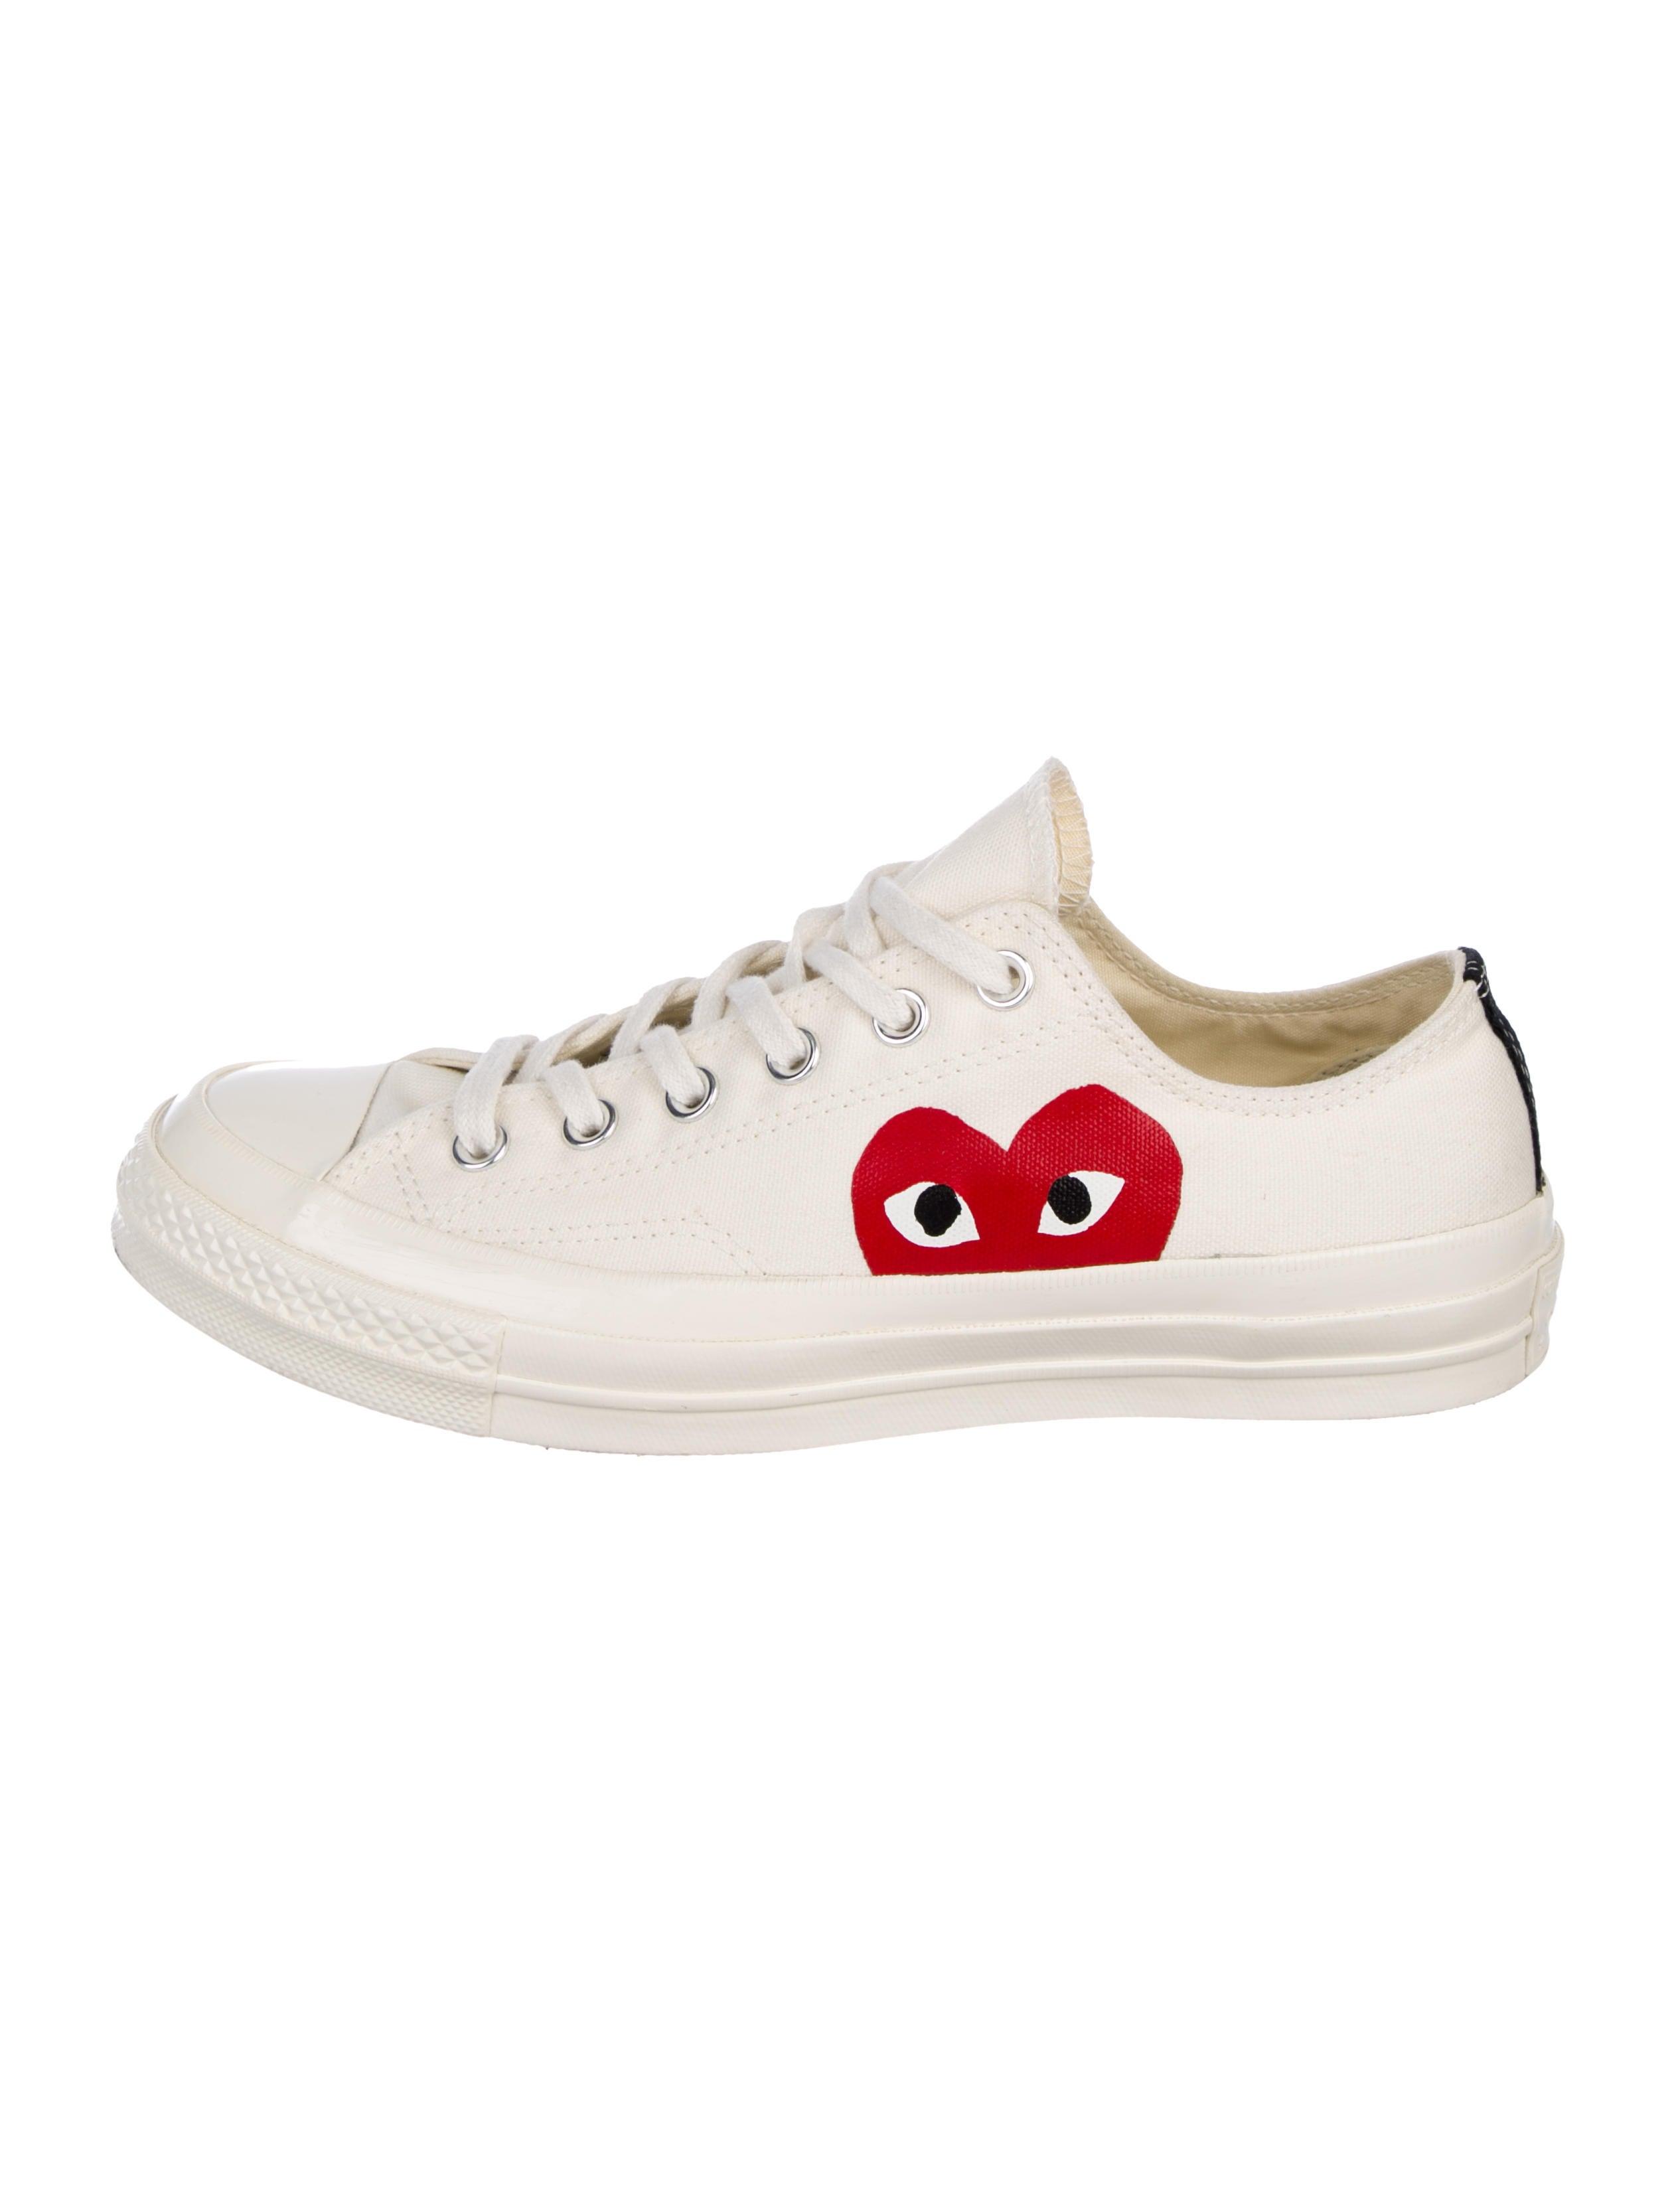 ea57d4ff4728 Comme des Garçons Play x Converse Canvas Low-Top Sneakers - Shoes ...